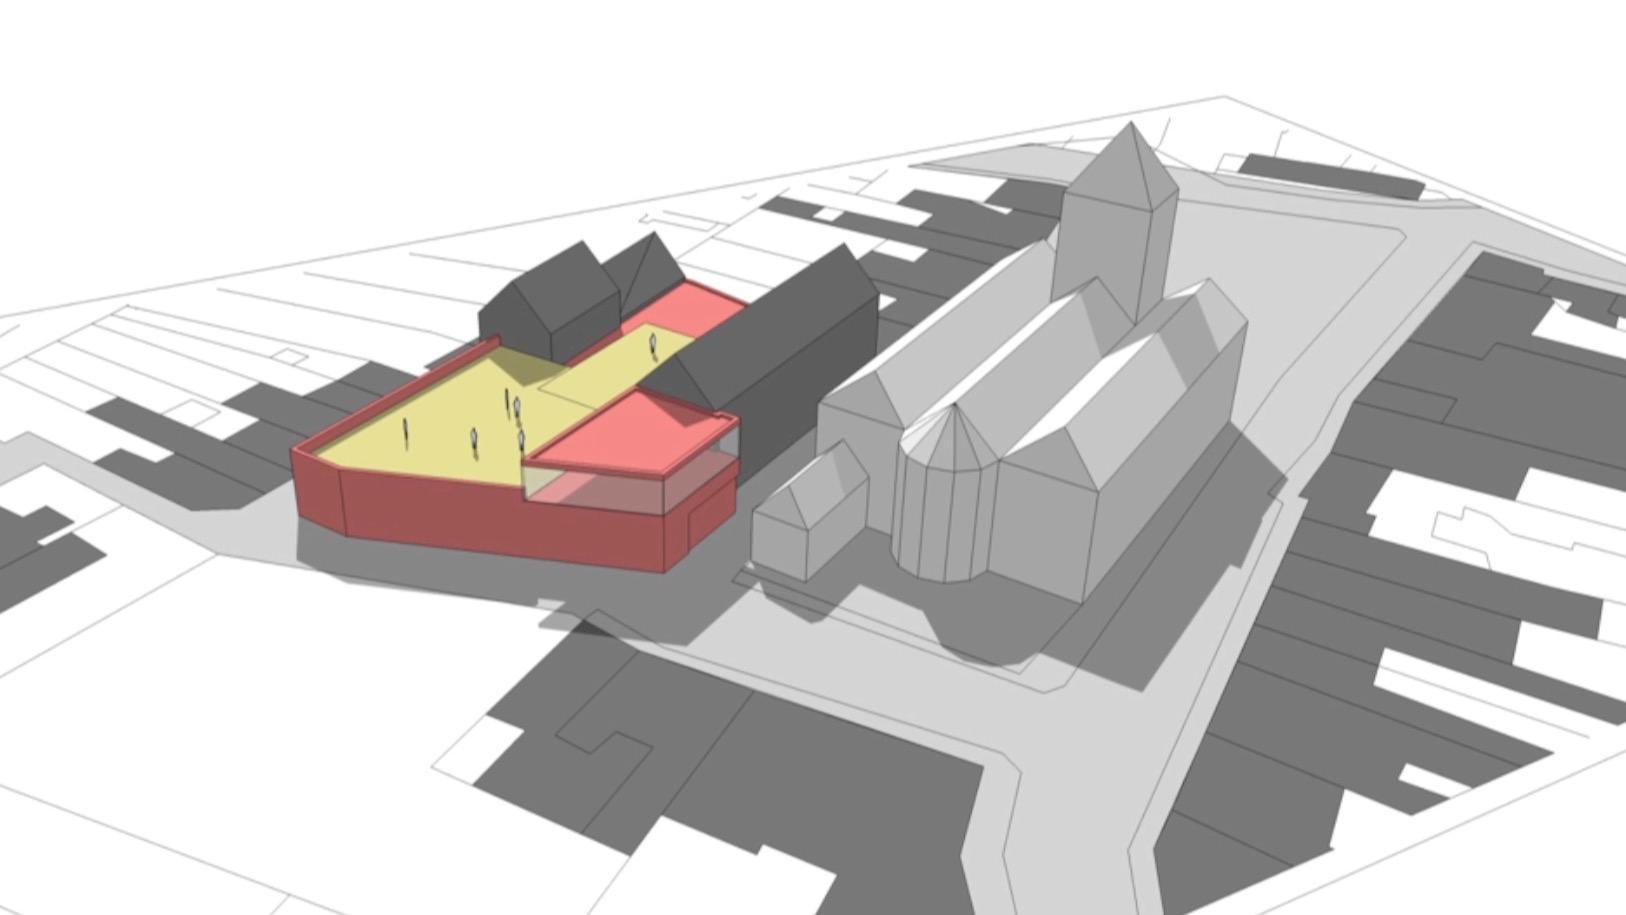 1 million pour la phase 1 de l'extension de la Maison du Pays des Collines